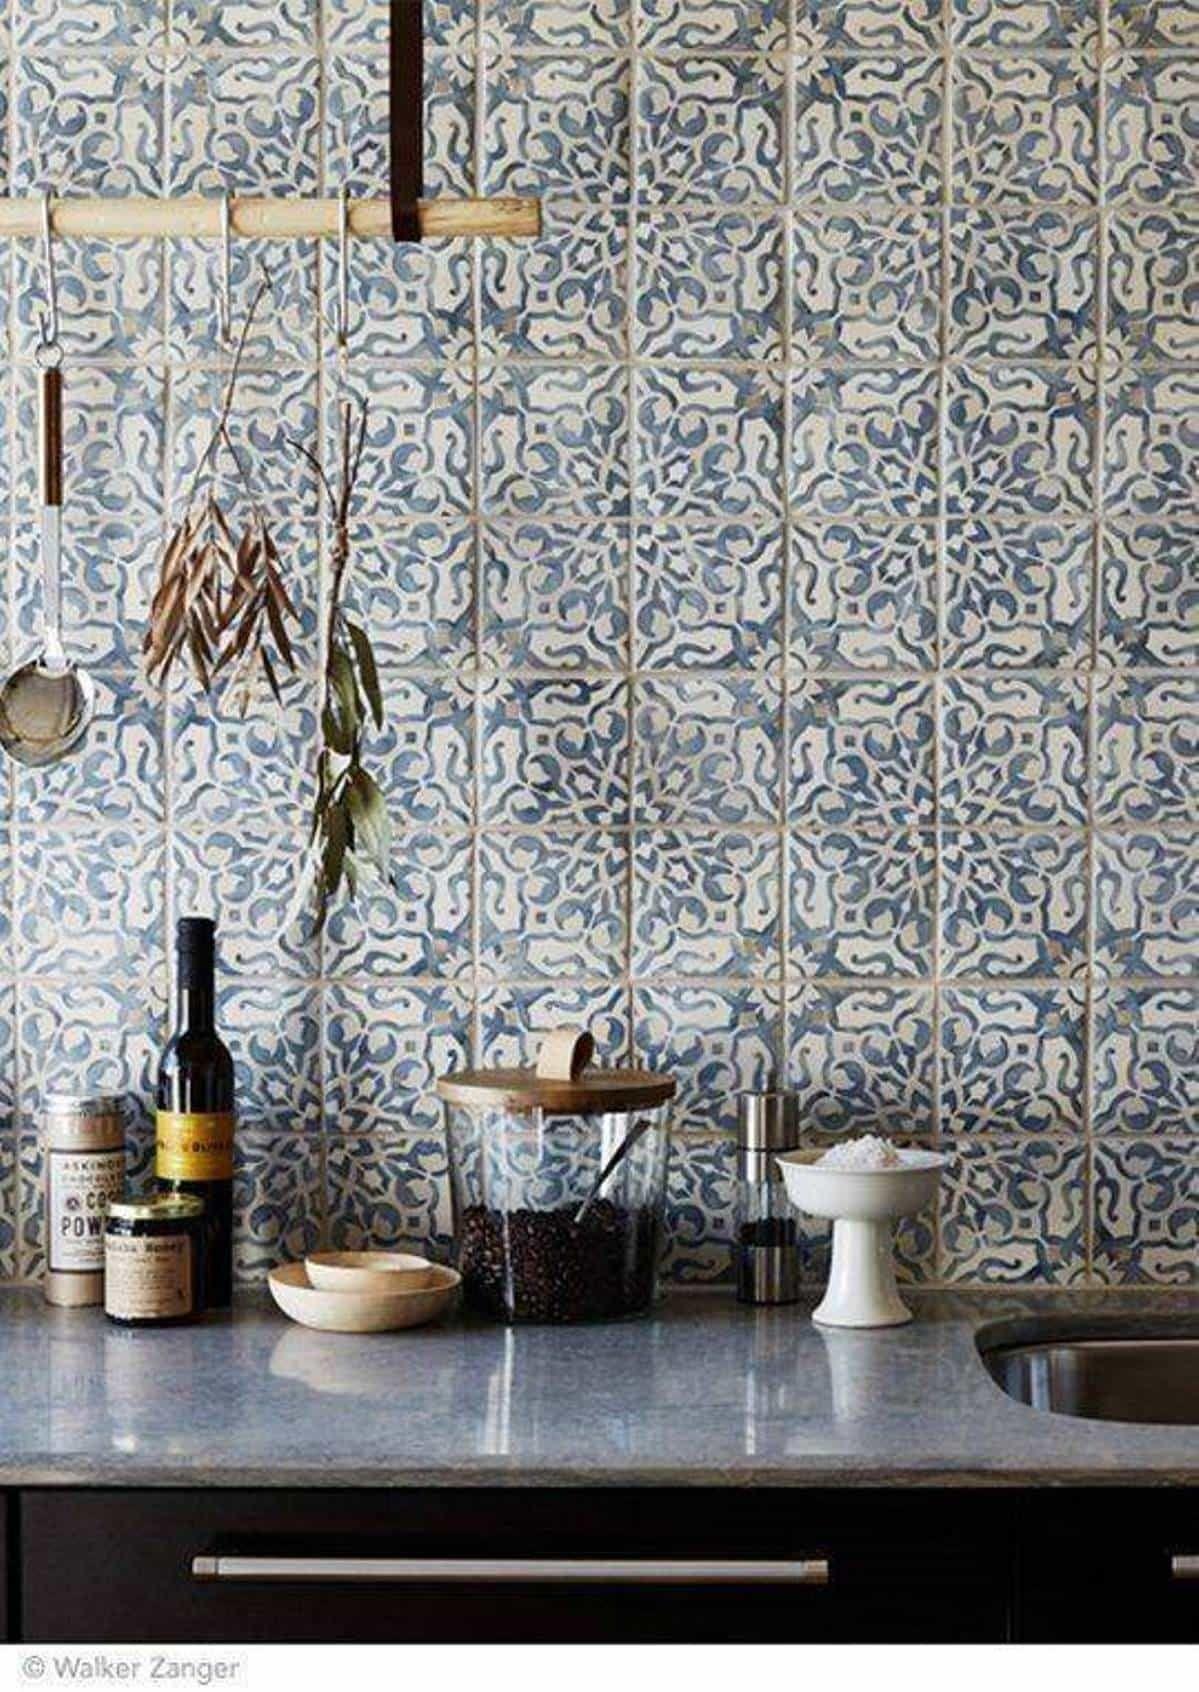 Vintage Ceramic Tile Kitchen Backsplash Kitchen Backsplash Designs Kitchen Tiles Backsplash Kitchen Inspirations